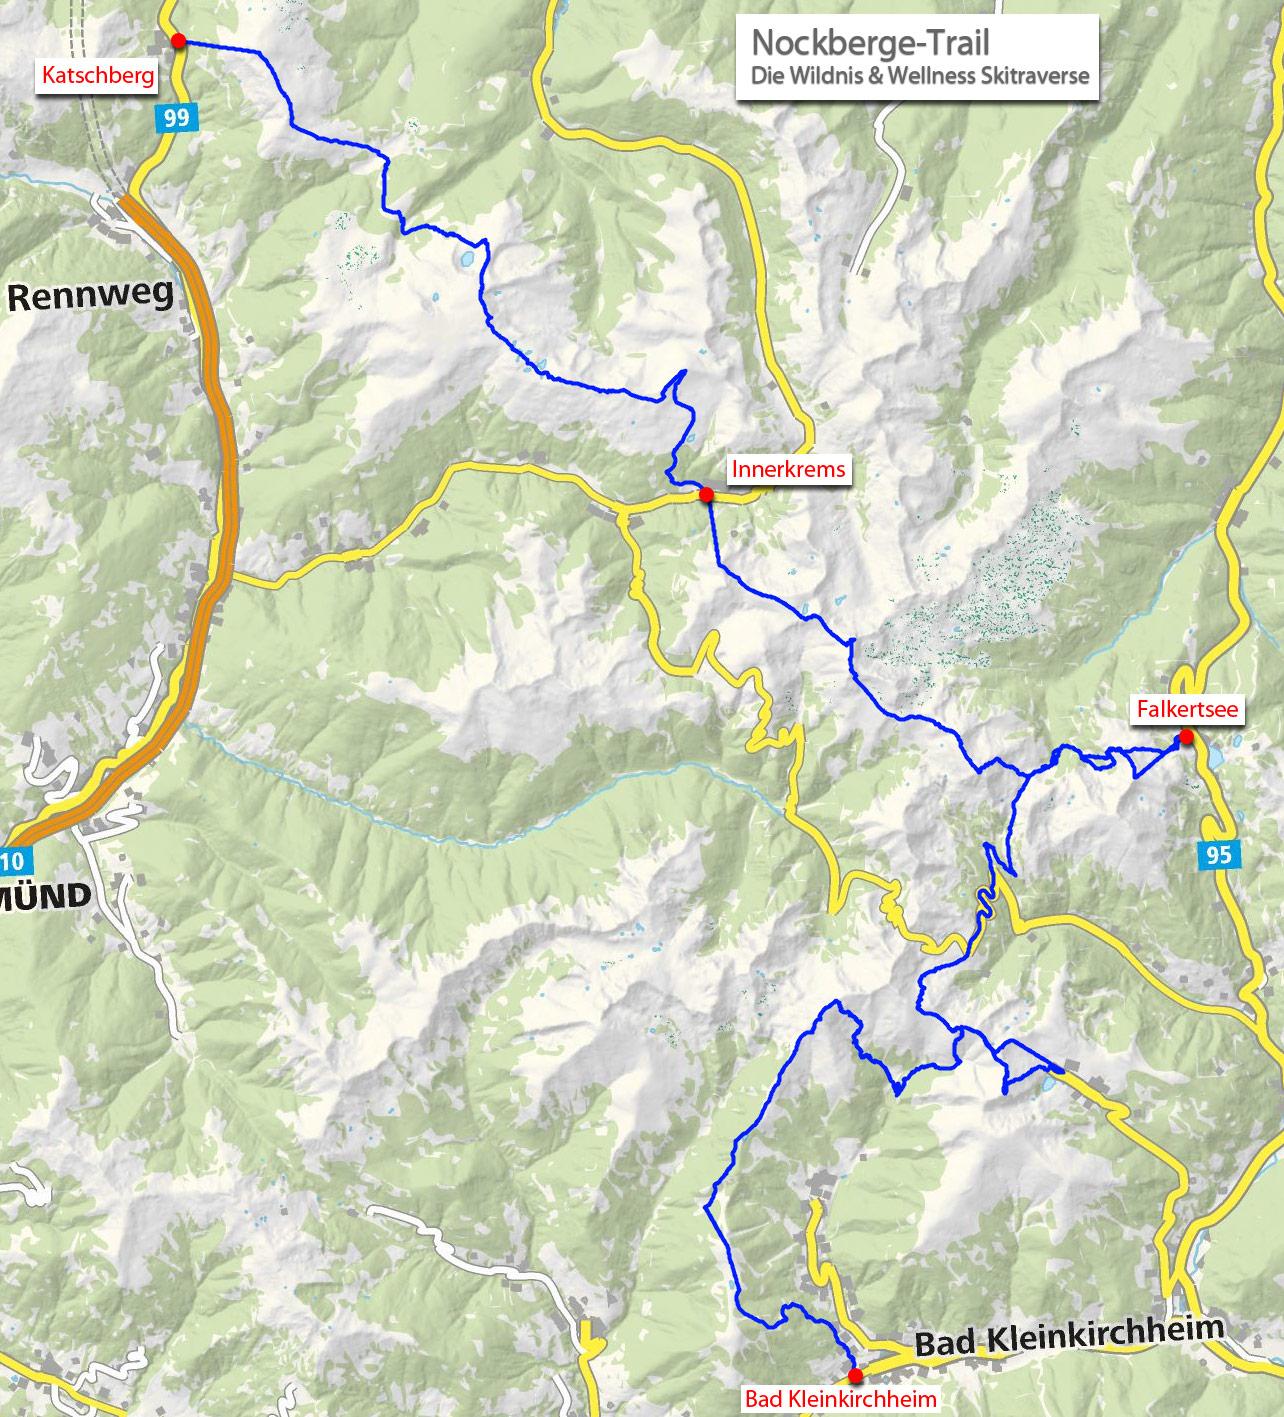 Skidurchquerung Nockberge-Trail